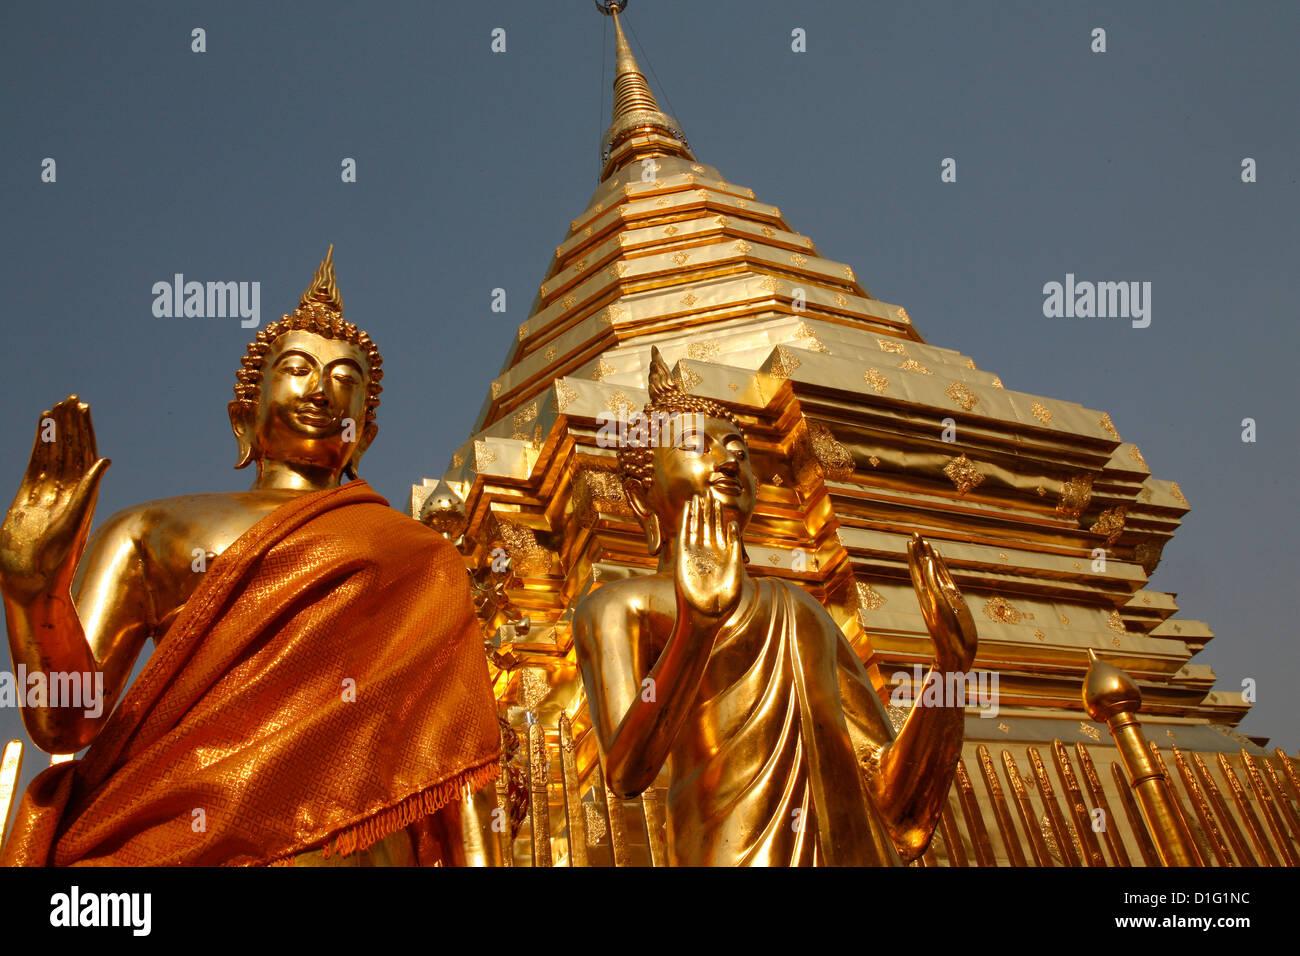 Des statues et chedi dans le temple Doi Suthep, Chiang Mai, Thaïlande, Asie du Sud-Est, Asie Photo Stock